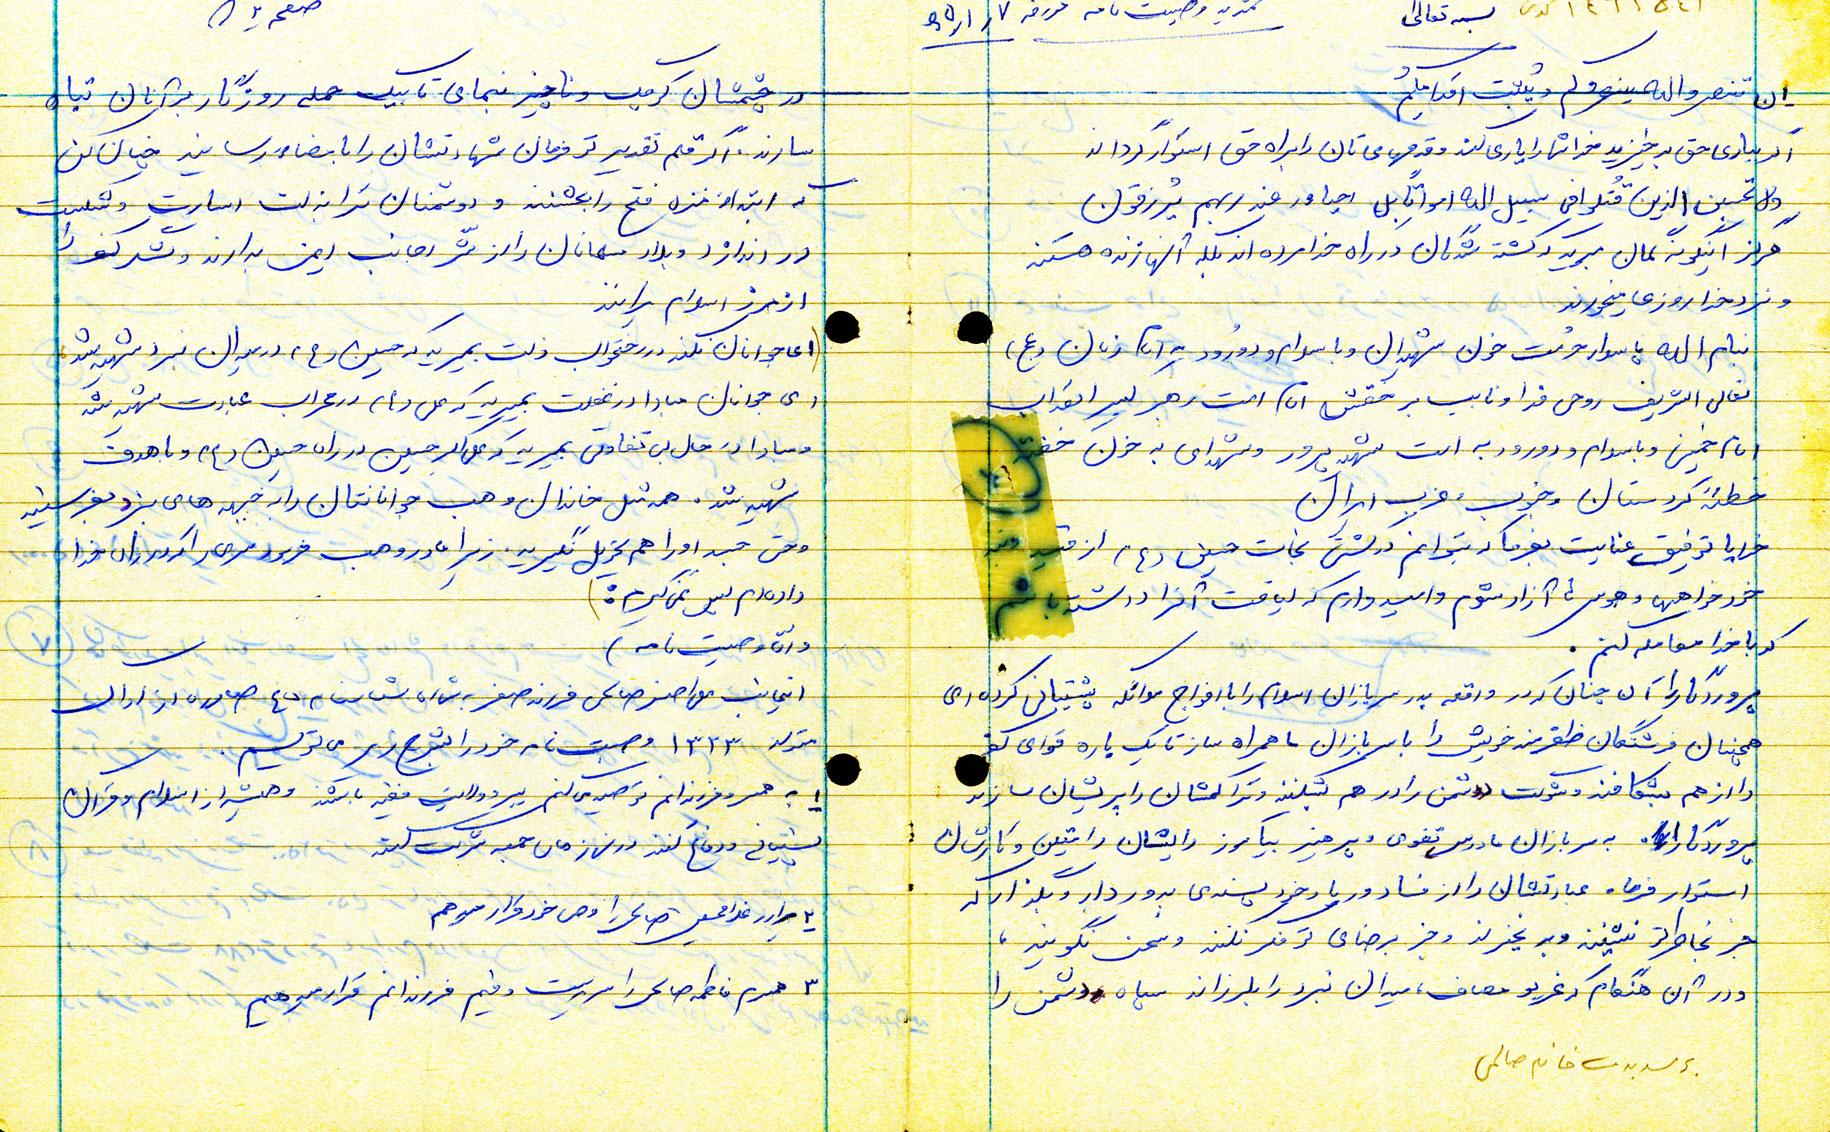 وصیت نامه شهید علی اصغر صالحی/